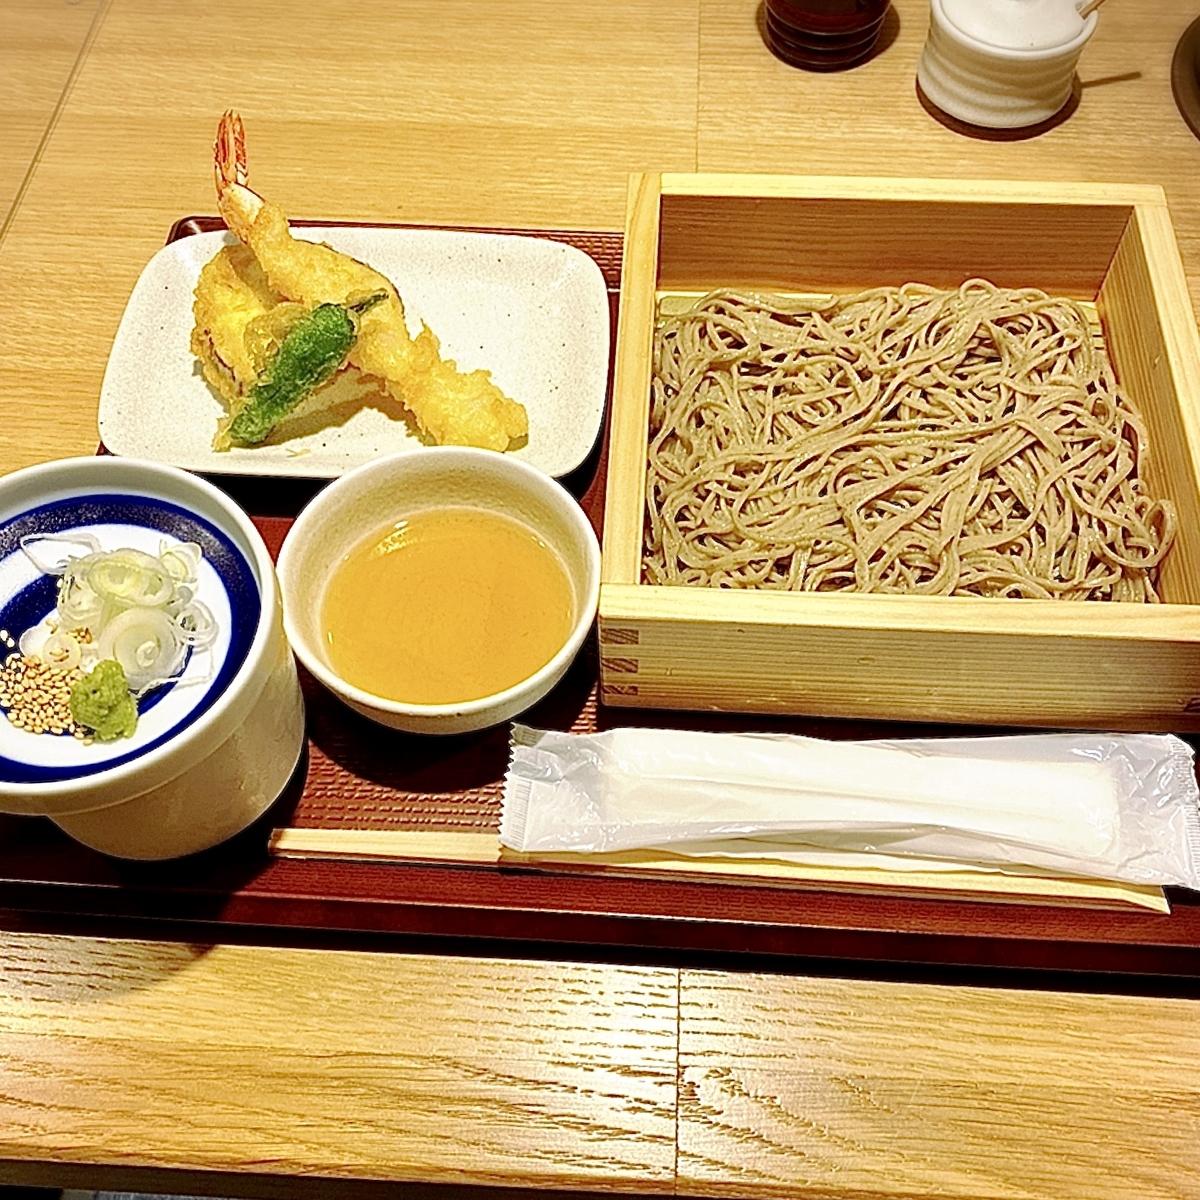 「助六そば ぬる燗佐藤」でいただいた「蕎麦と天ぷら」(※試食)